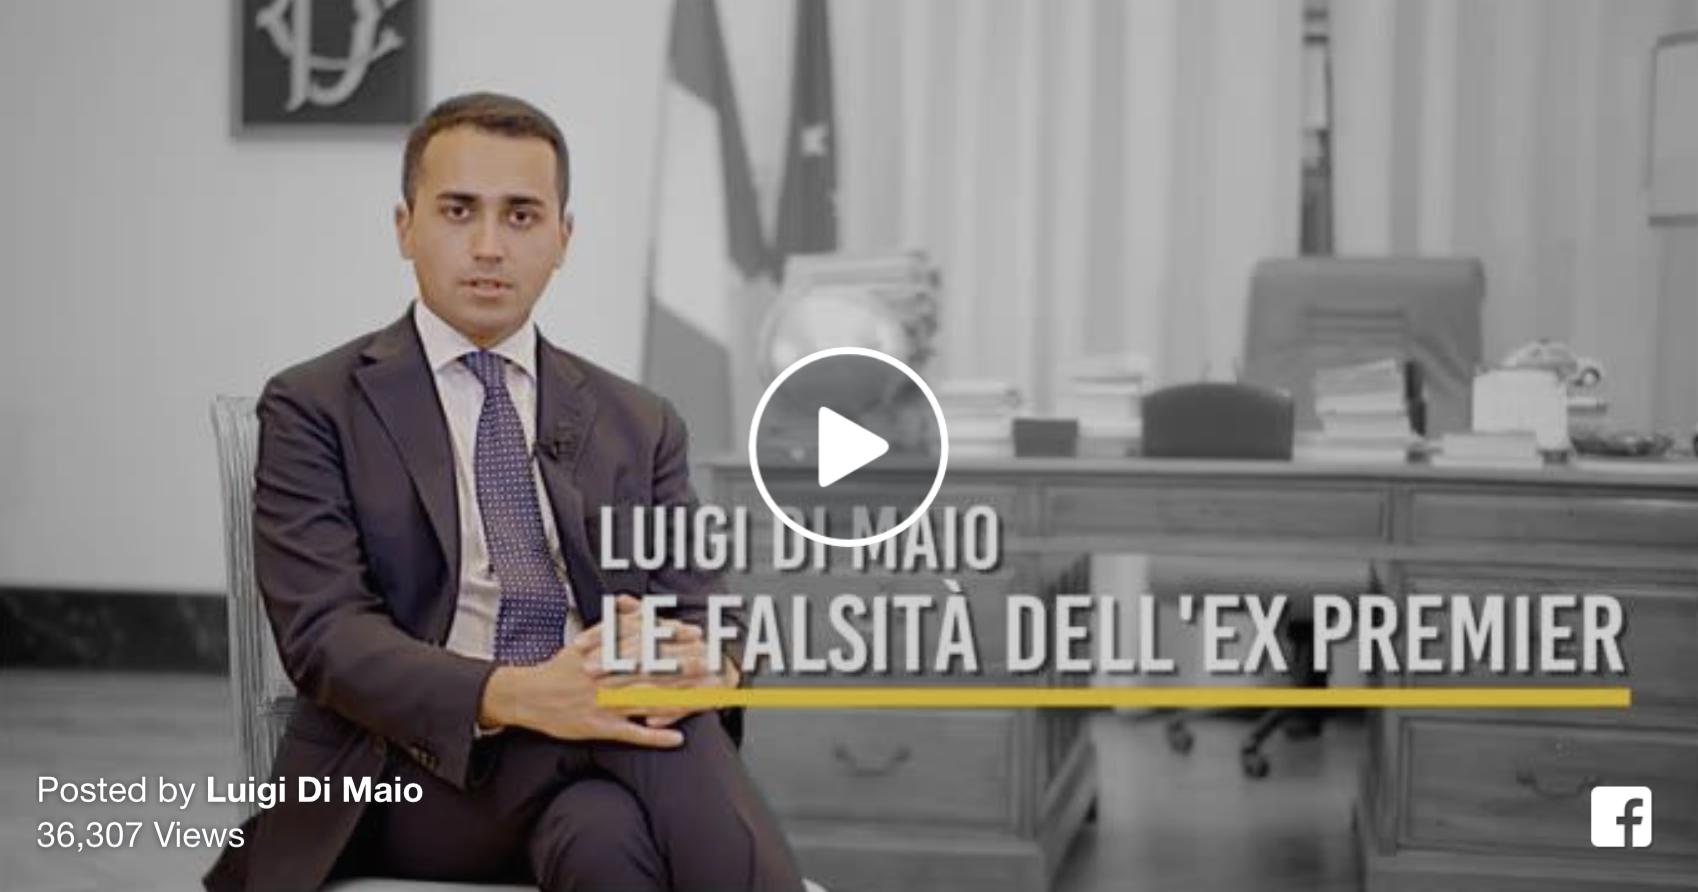 Luigi Di Maio Svela Tutte Le Balle Di Matteo Renzi in TV